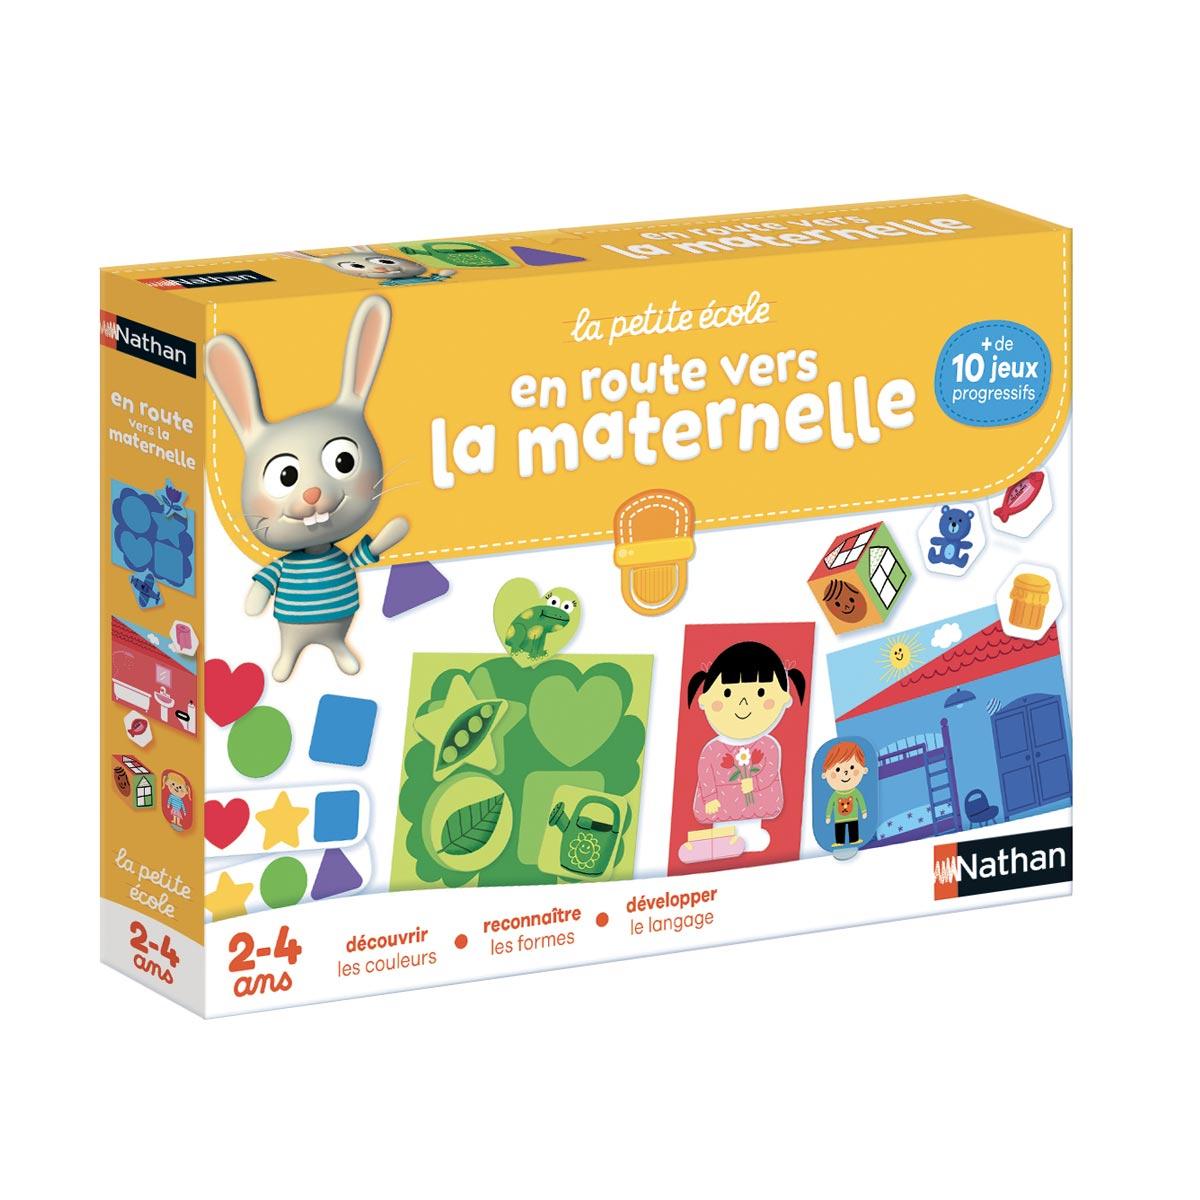 Coffret De Jeux En Route Vers La Maternelle à Jeux Pour Bébé En Ligne 2 Ans